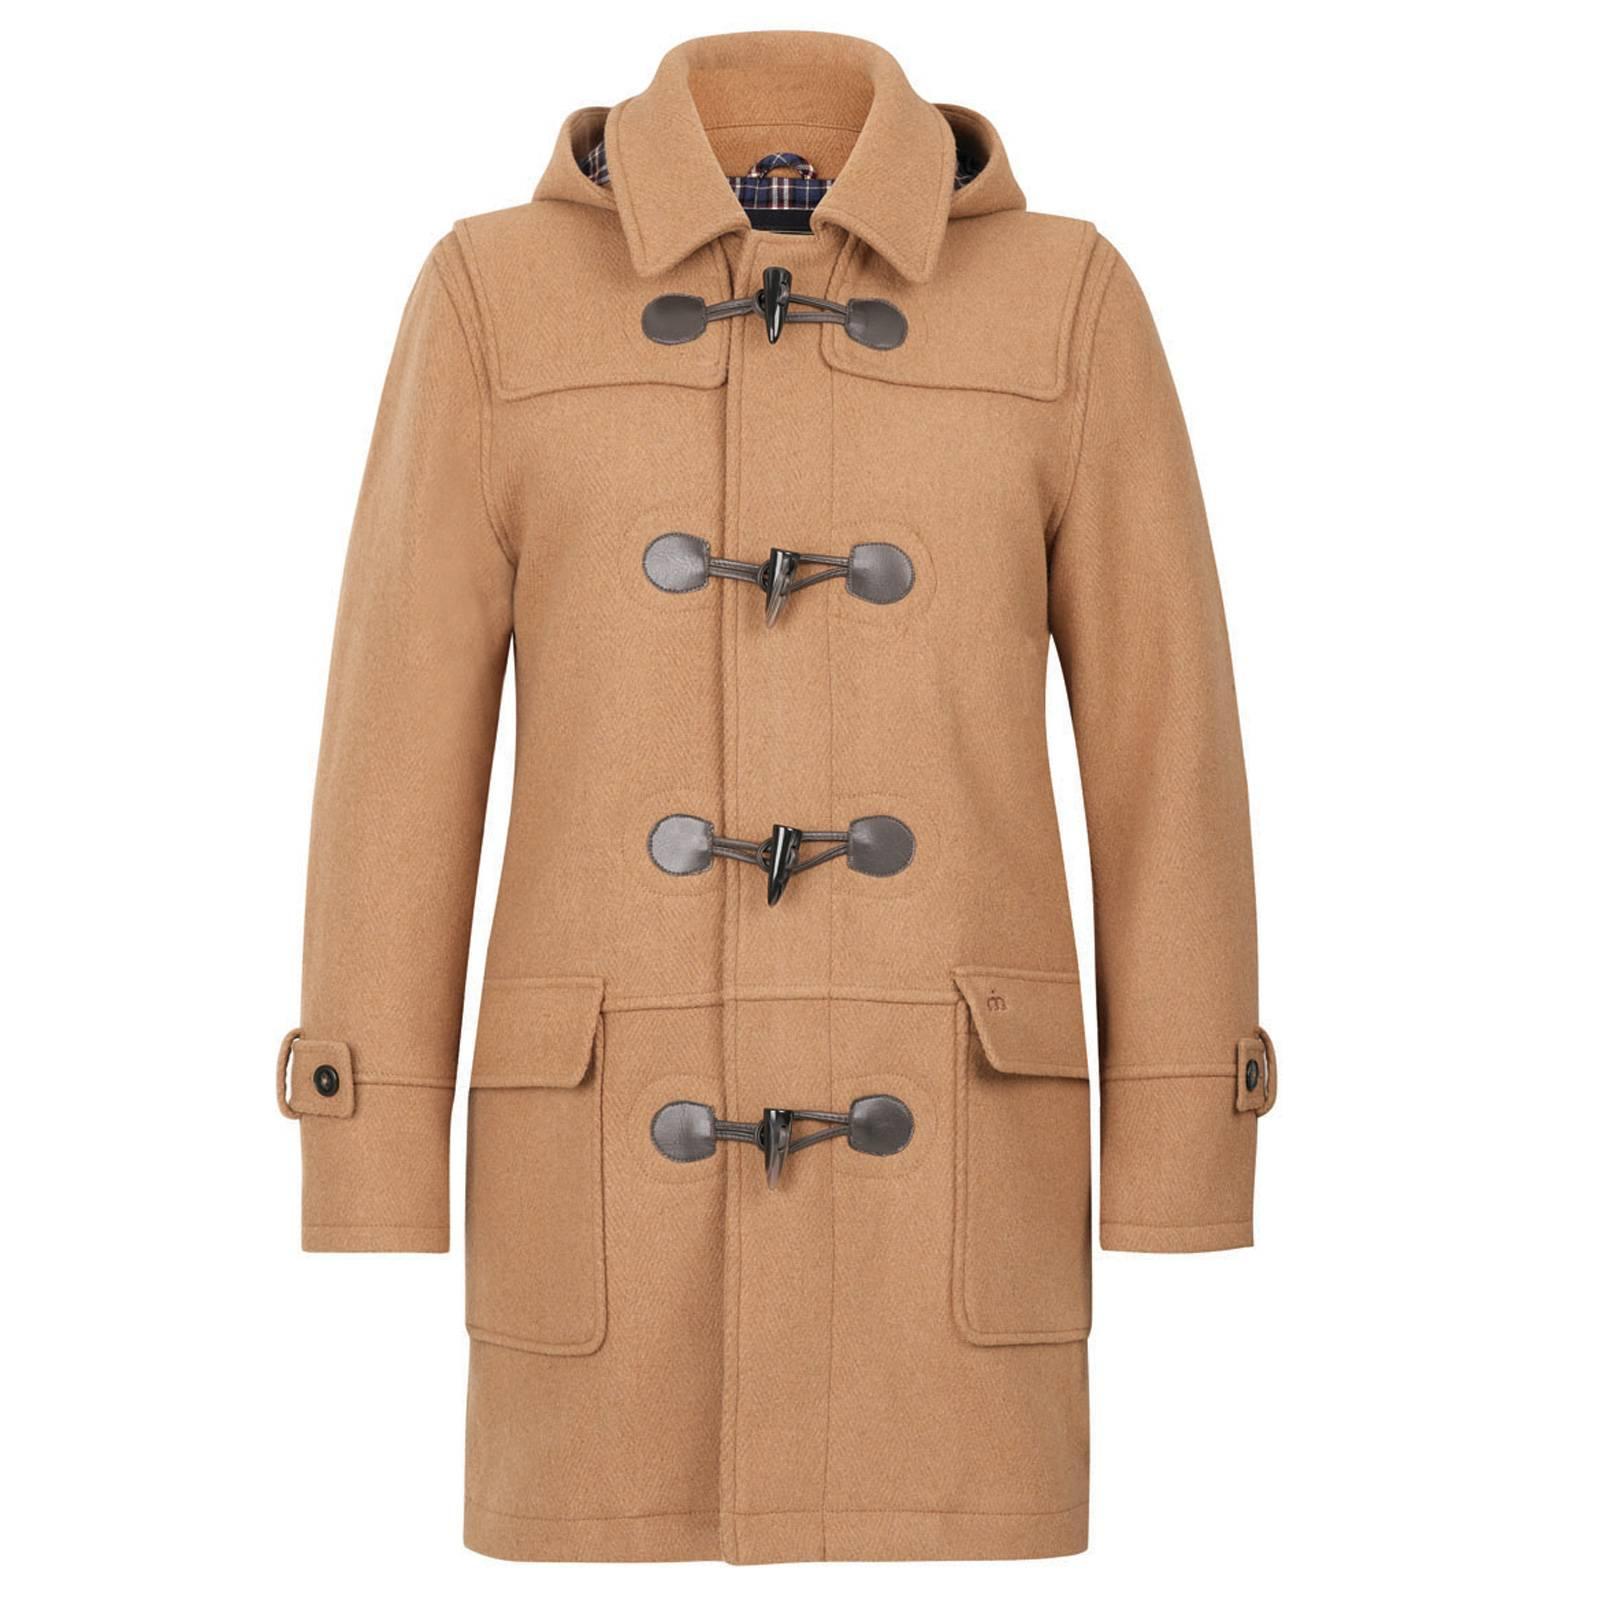 Дафлкот BluefieldMidwinter Sale<br>Аутентичное пальто-дафлкот прямого силуэта из толстой шерстяной ткани, с отстегивающимся капюшоном и хлопковой подкладкой орнамента &amp;amp;quot;тартан&amp;amp;quot;, выполненный в лучших классических традициях дизайна и производства этой легендарной модели casual гардероба, перекочевавшей в повседневную моду из униформы Британского Королевского флота времен Первой мировой войны. &amp;lt;br /&amp;gt;<br>&amp;lt;br /&amp;gt;<br>Благодаря плотной, сохраняющей тепло основе, выдерживает практически любые морозы, несмотря на отсутствие утеплителя. Его можно носить с джинсами или брюками, одевать поверх костюма на работу или с трикотажем и обувью типа Desert Boots. Непромокаемый и непродуваемый дафлкот Merc прослужит вам верой и правдой долгие годы.&amp;lt;br /&amp;gt;<br>&amp;lt;br /&amp;gt;<br>Об истории дафлкота мы рассказали в Блоге.<br><br>Артикул: 1112201<br>Материал: 70% шерсть 30% нейлон<br>Цвет: верблюжий<br>Пол: Мужской